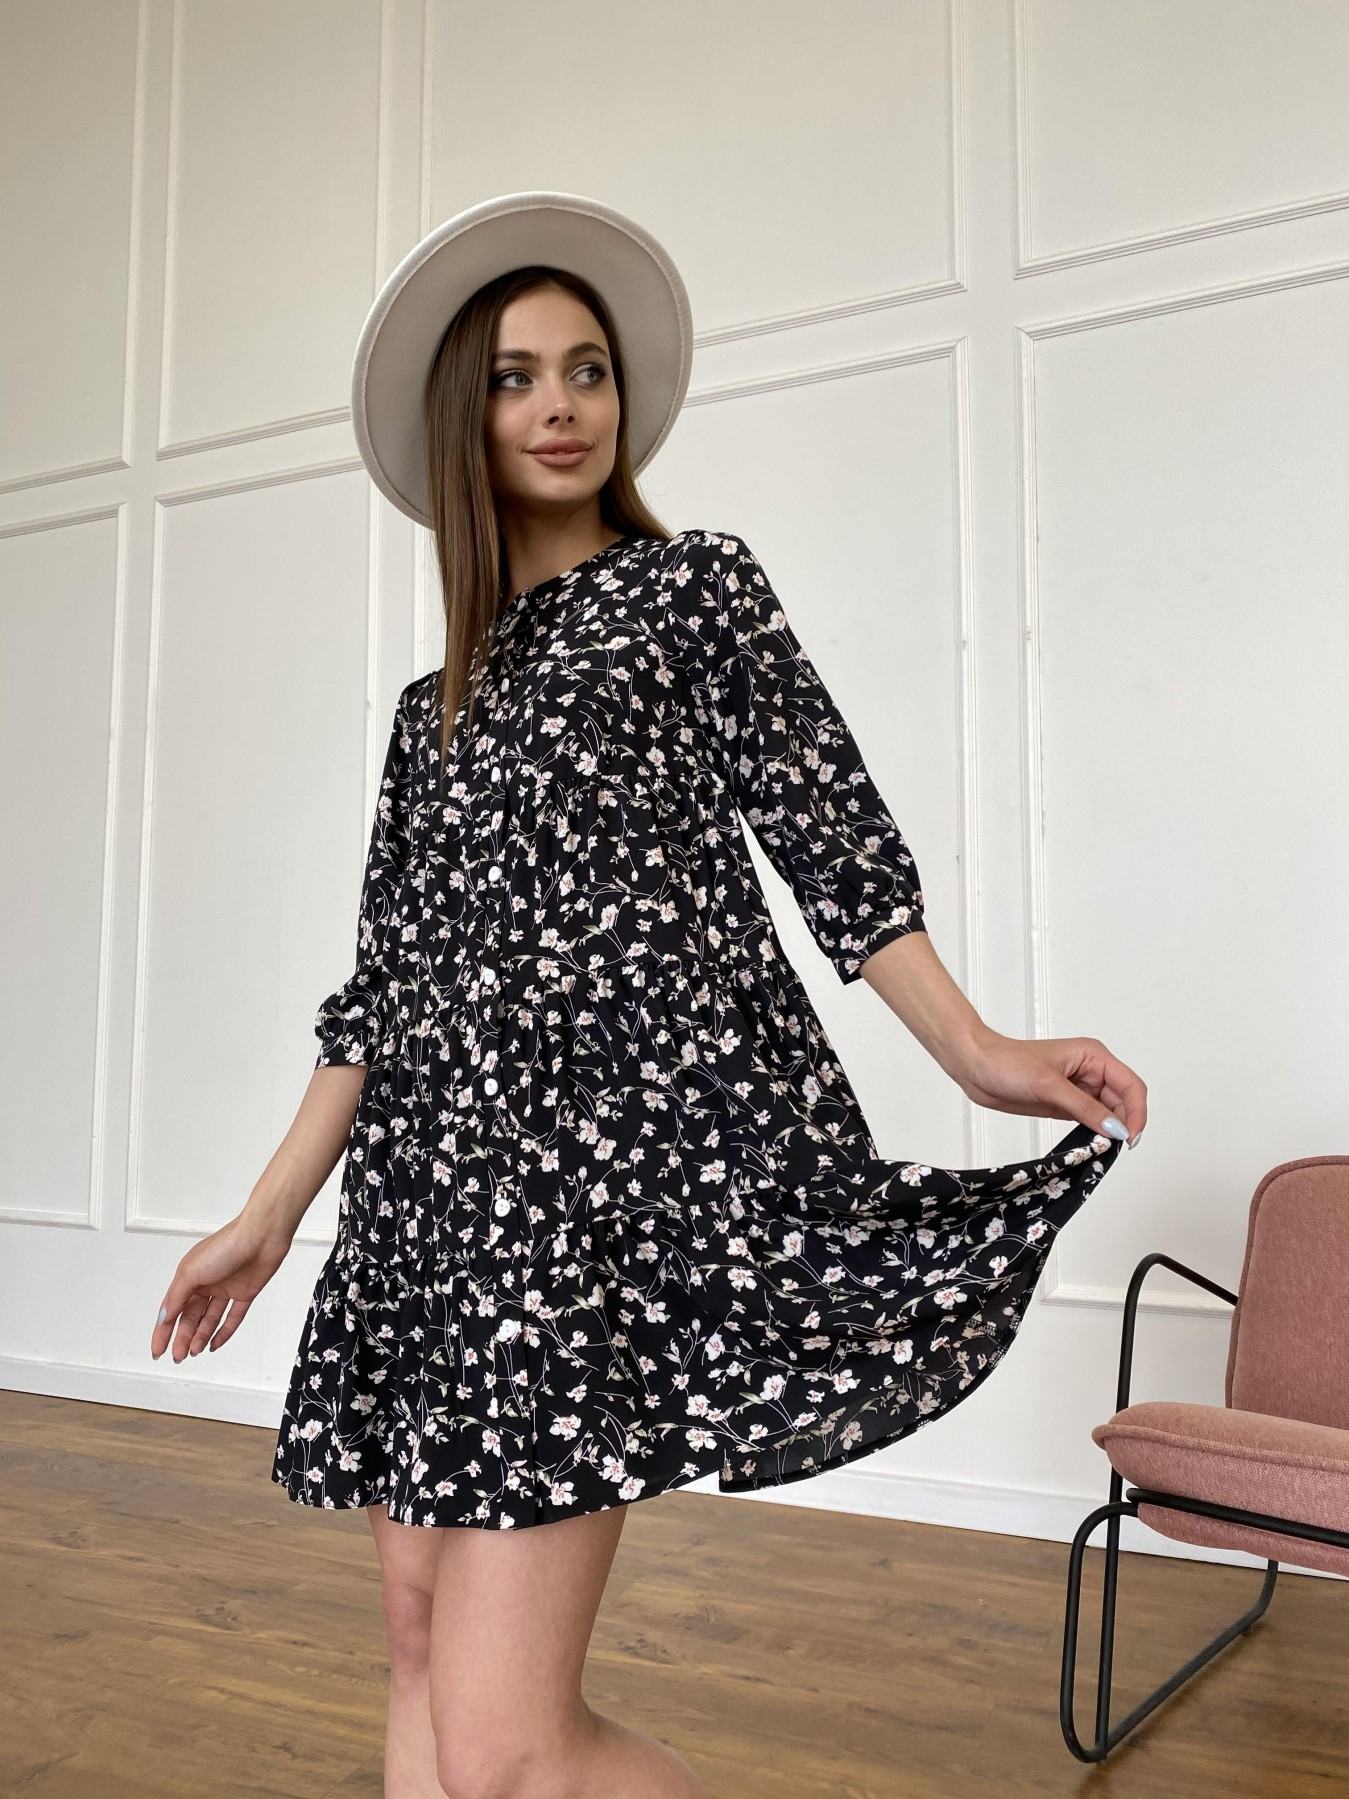 Берри платье из ткани софт в принт 11211 АРТ. 47723 Цвет: Черный/молоко, Цветы - фото 7, интернет магазин tm-modus.ru